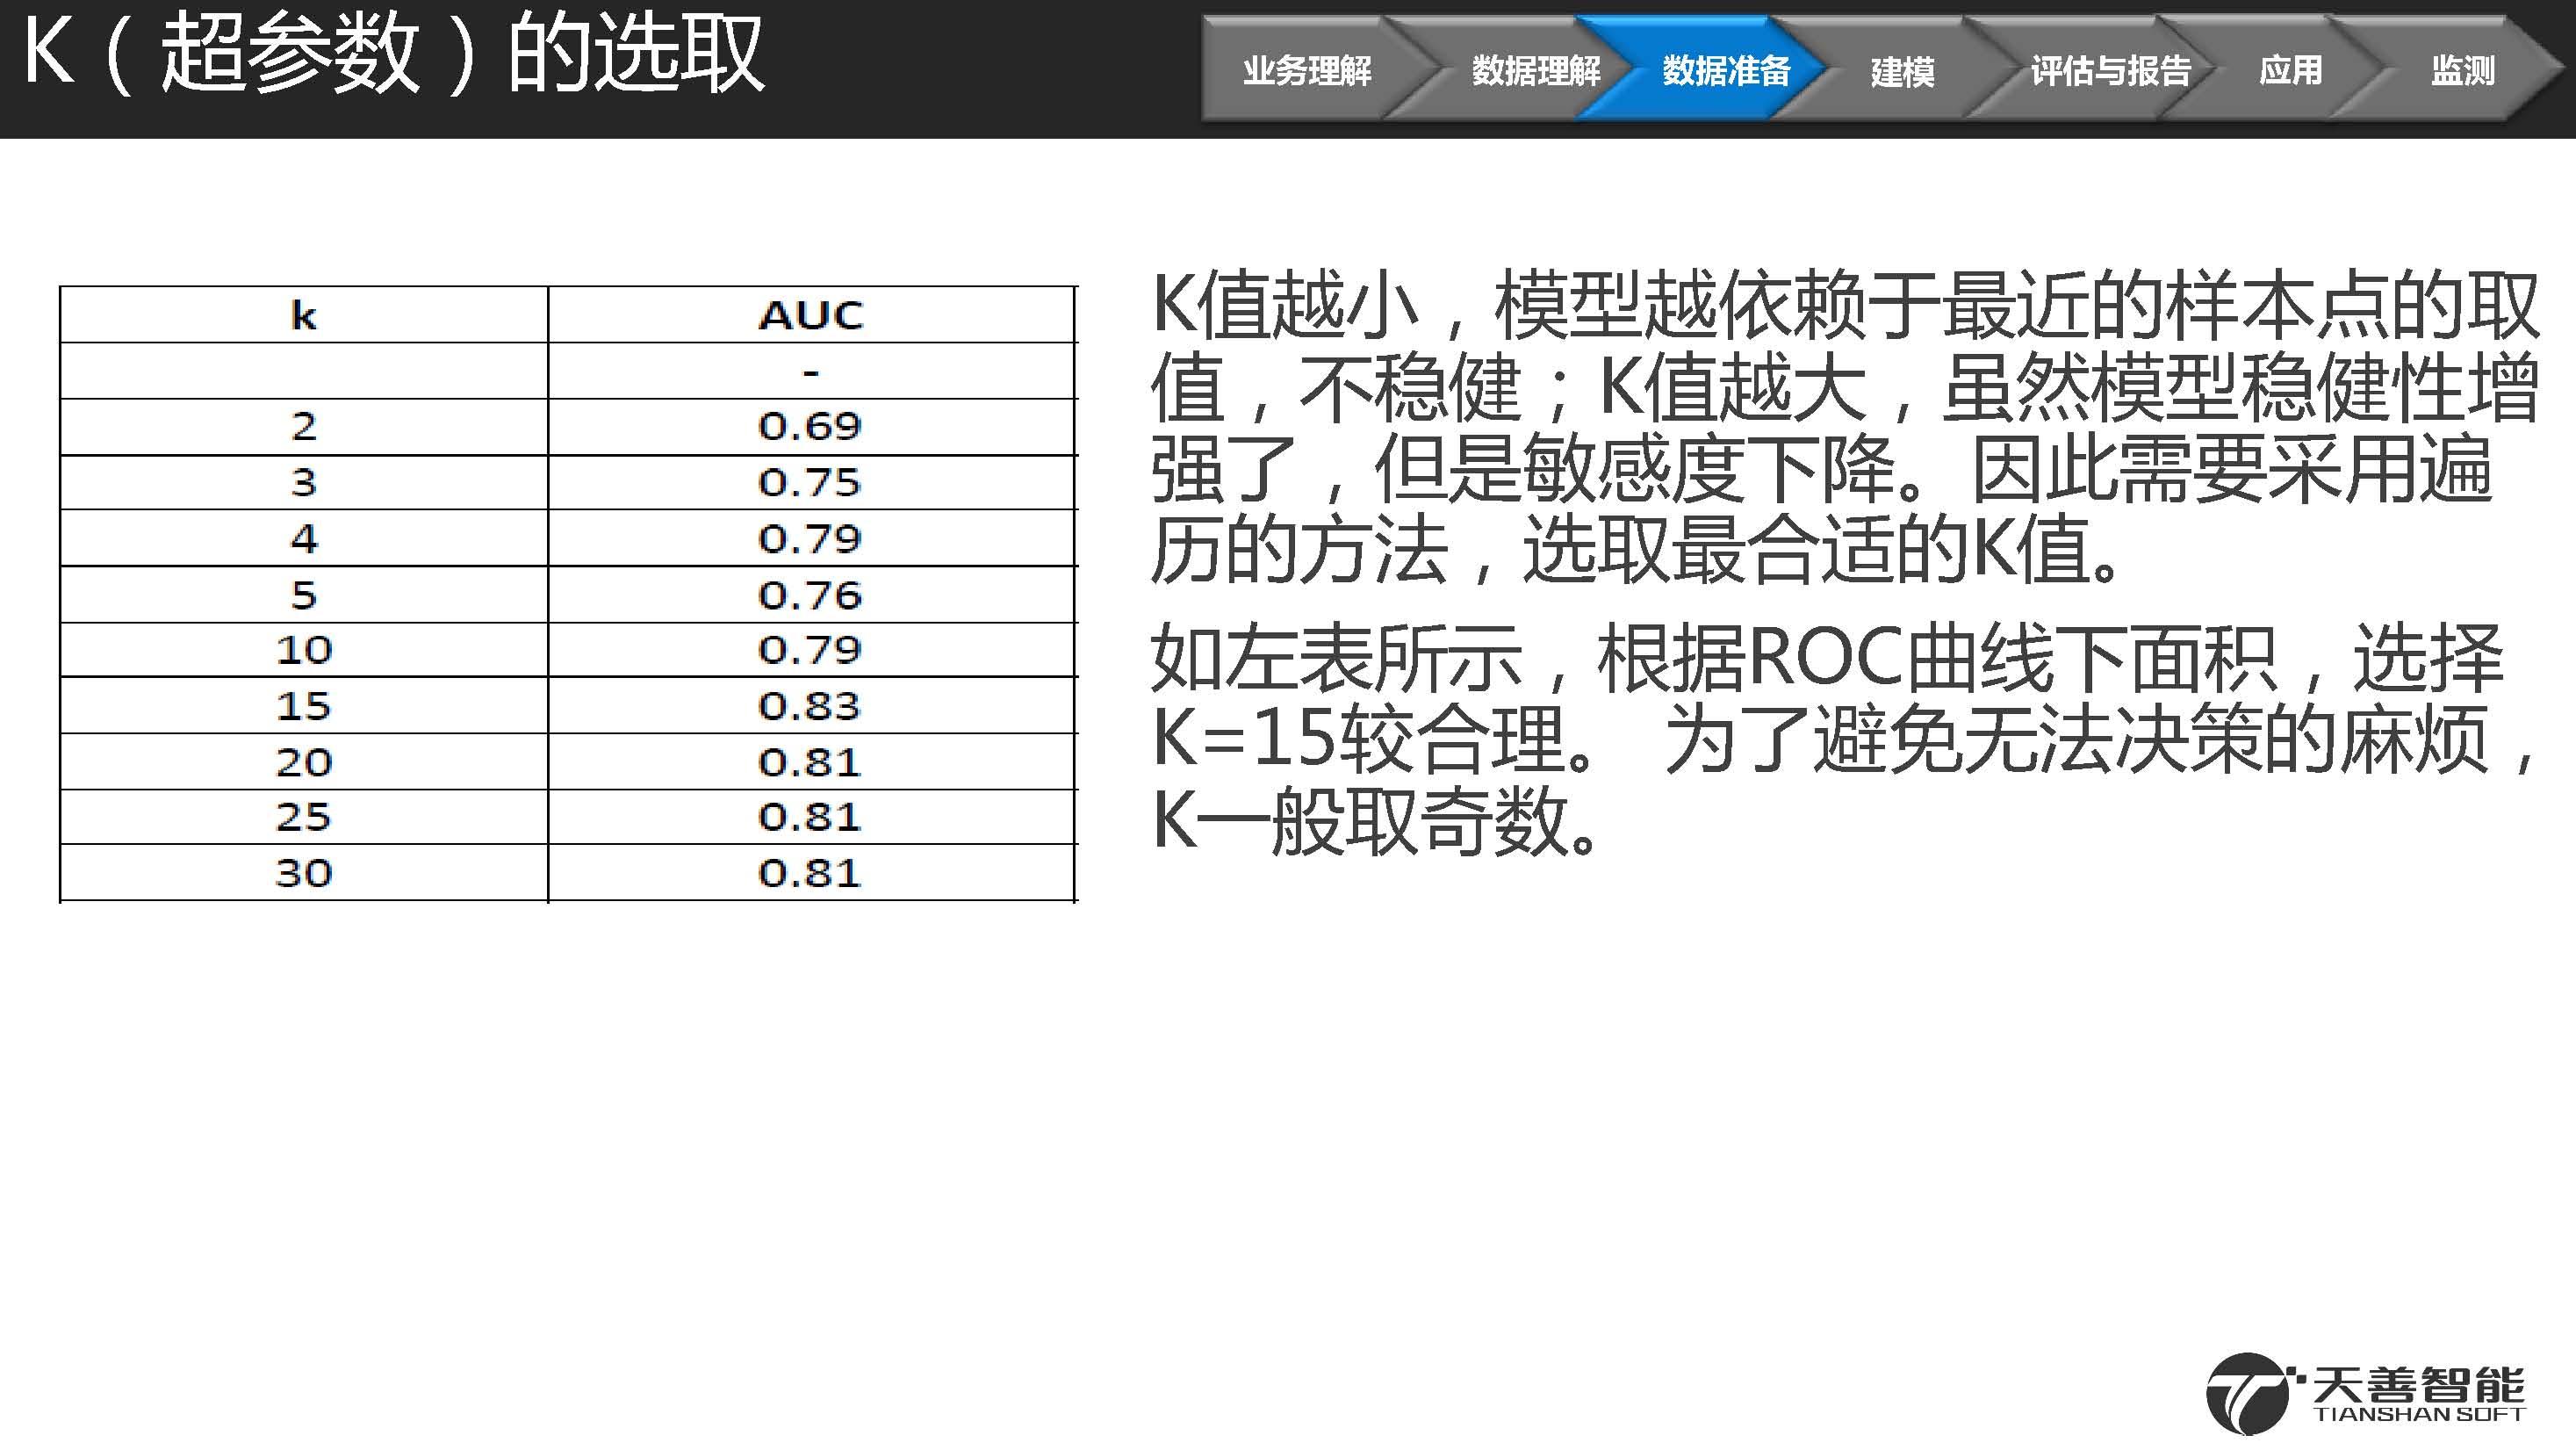 2汽车金融信用违约预测模型案例_页面_26.jpg